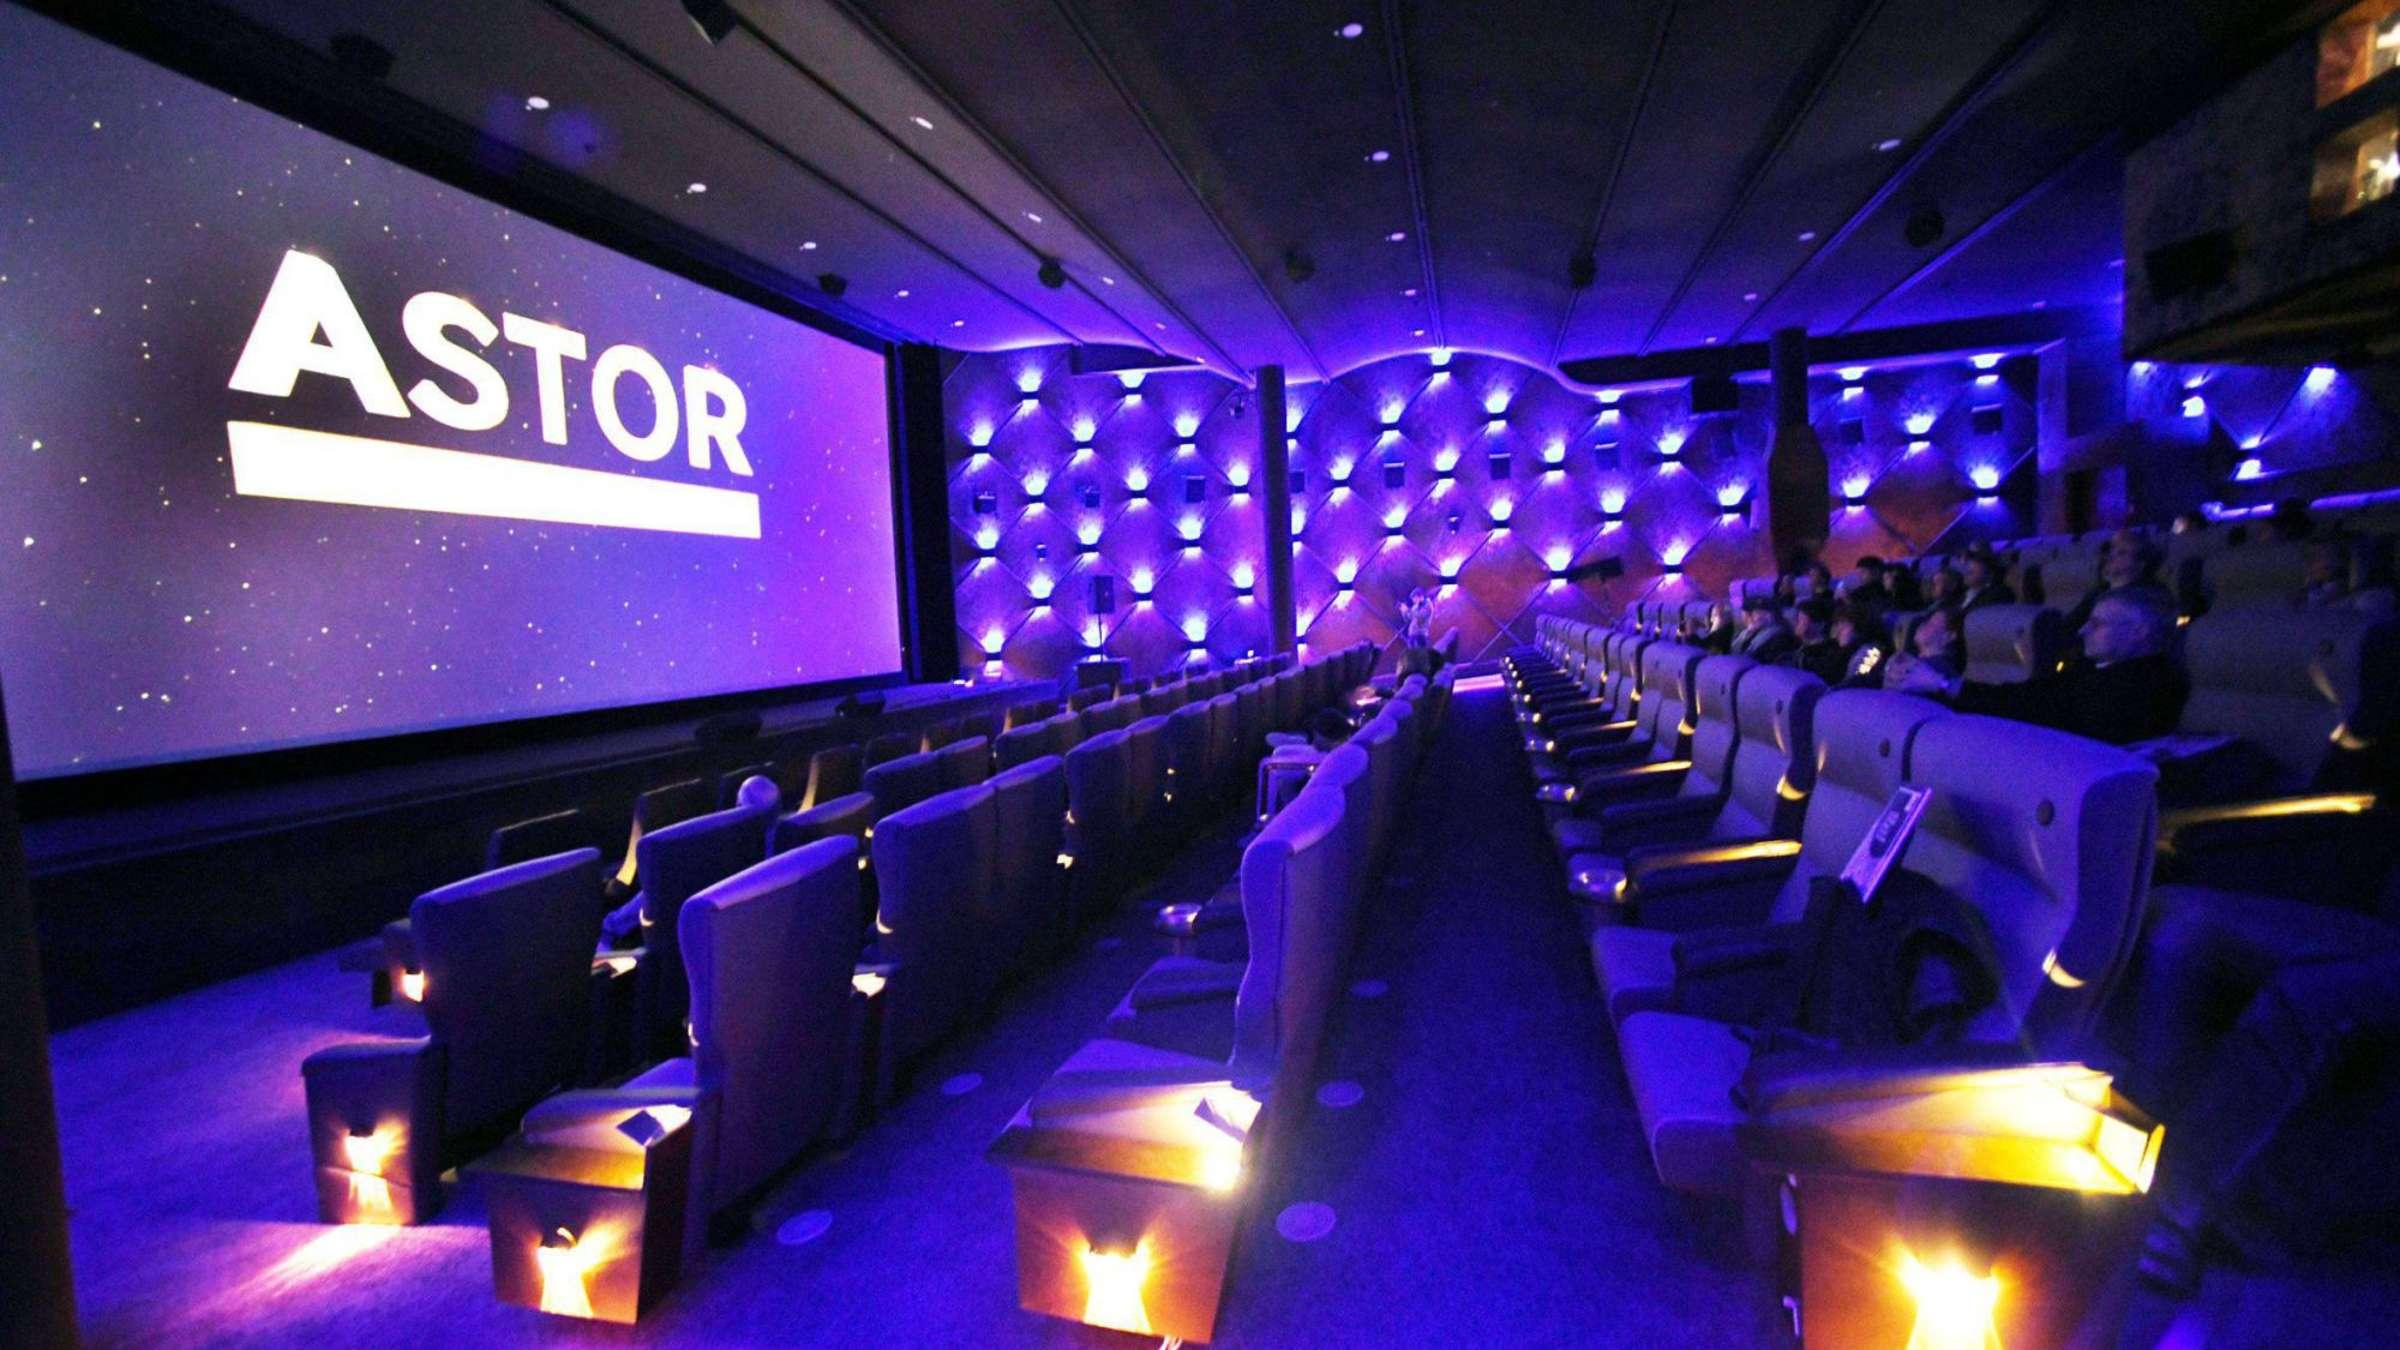 Full Size of Kino Mit Betten Frankfurt Astor Film Lounge Neues Luxus Auf Der Zeil Nolte Joop Hasena Bett Bettkasten 140x200 Hohem Kopfteil Badewanne Tür Und Dusche Wohnzimmer Kino Mit Betten